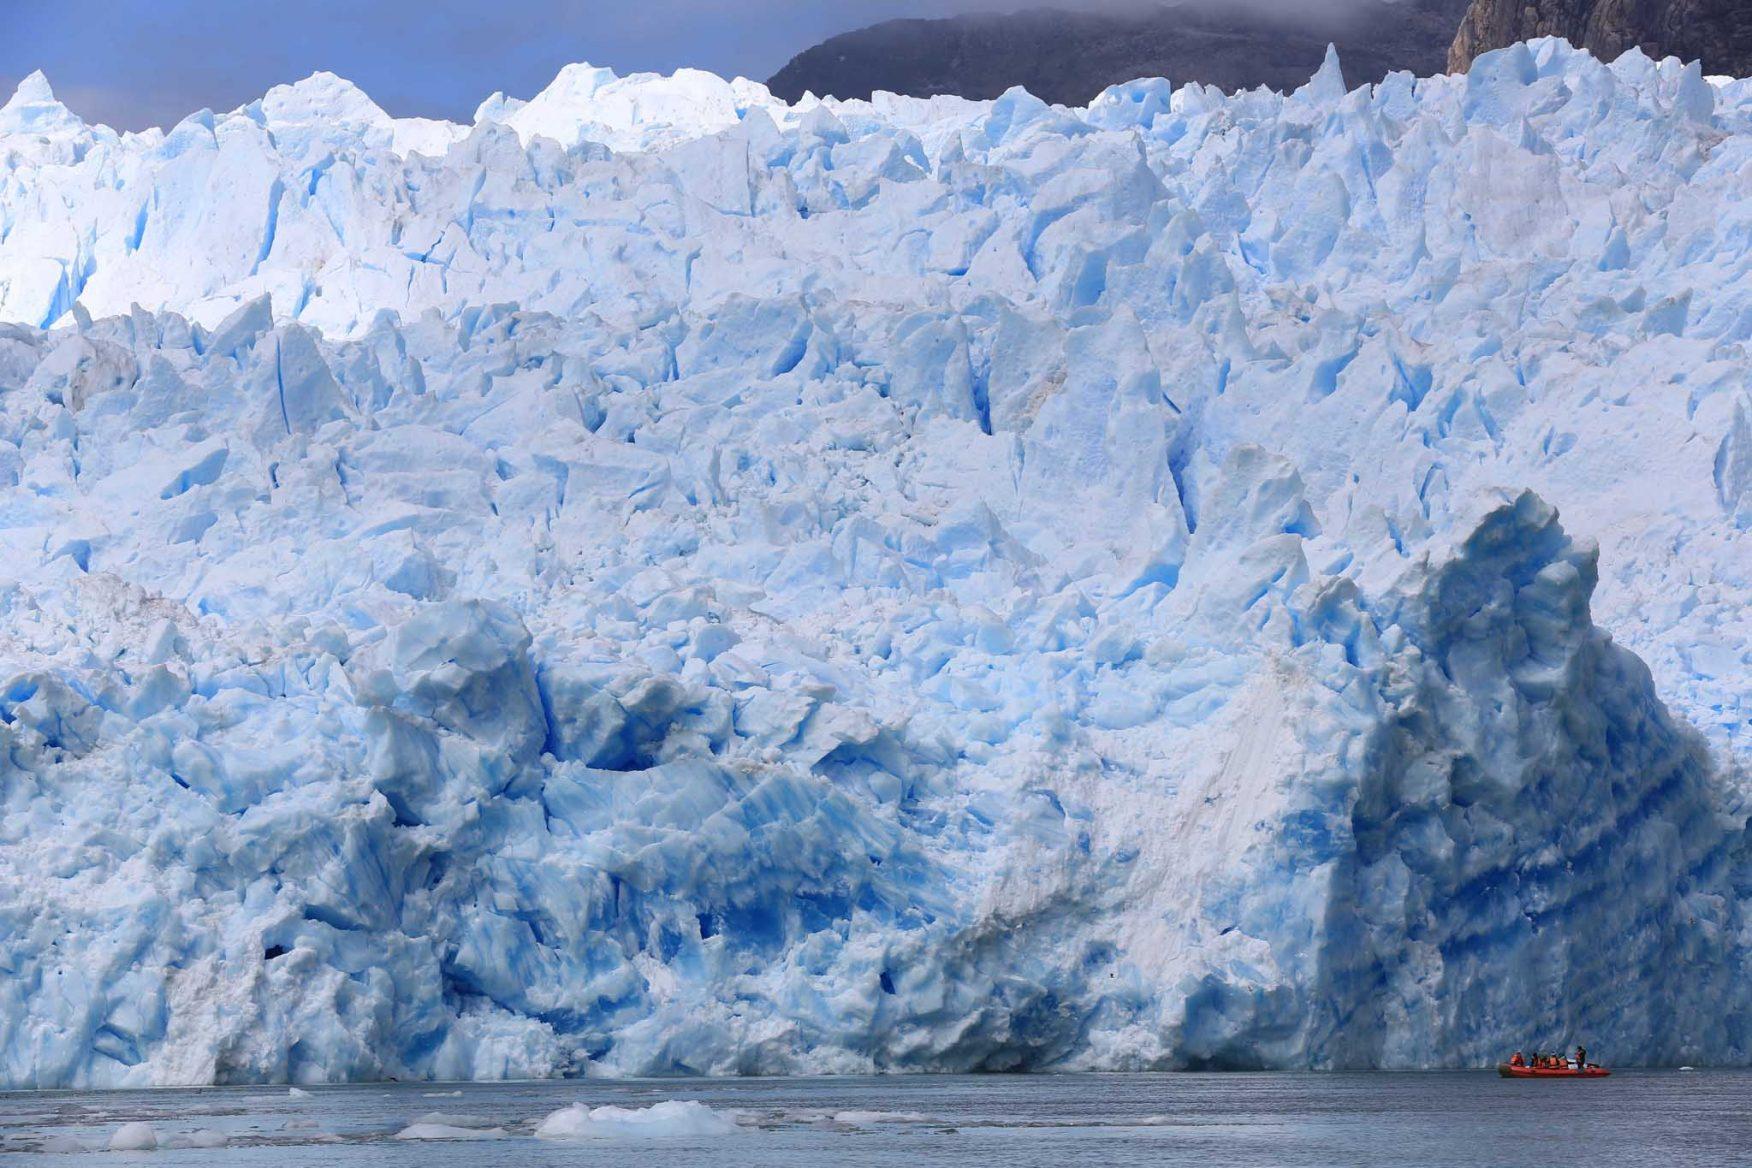 antarctic-expedition-patagonia-ice-glacier